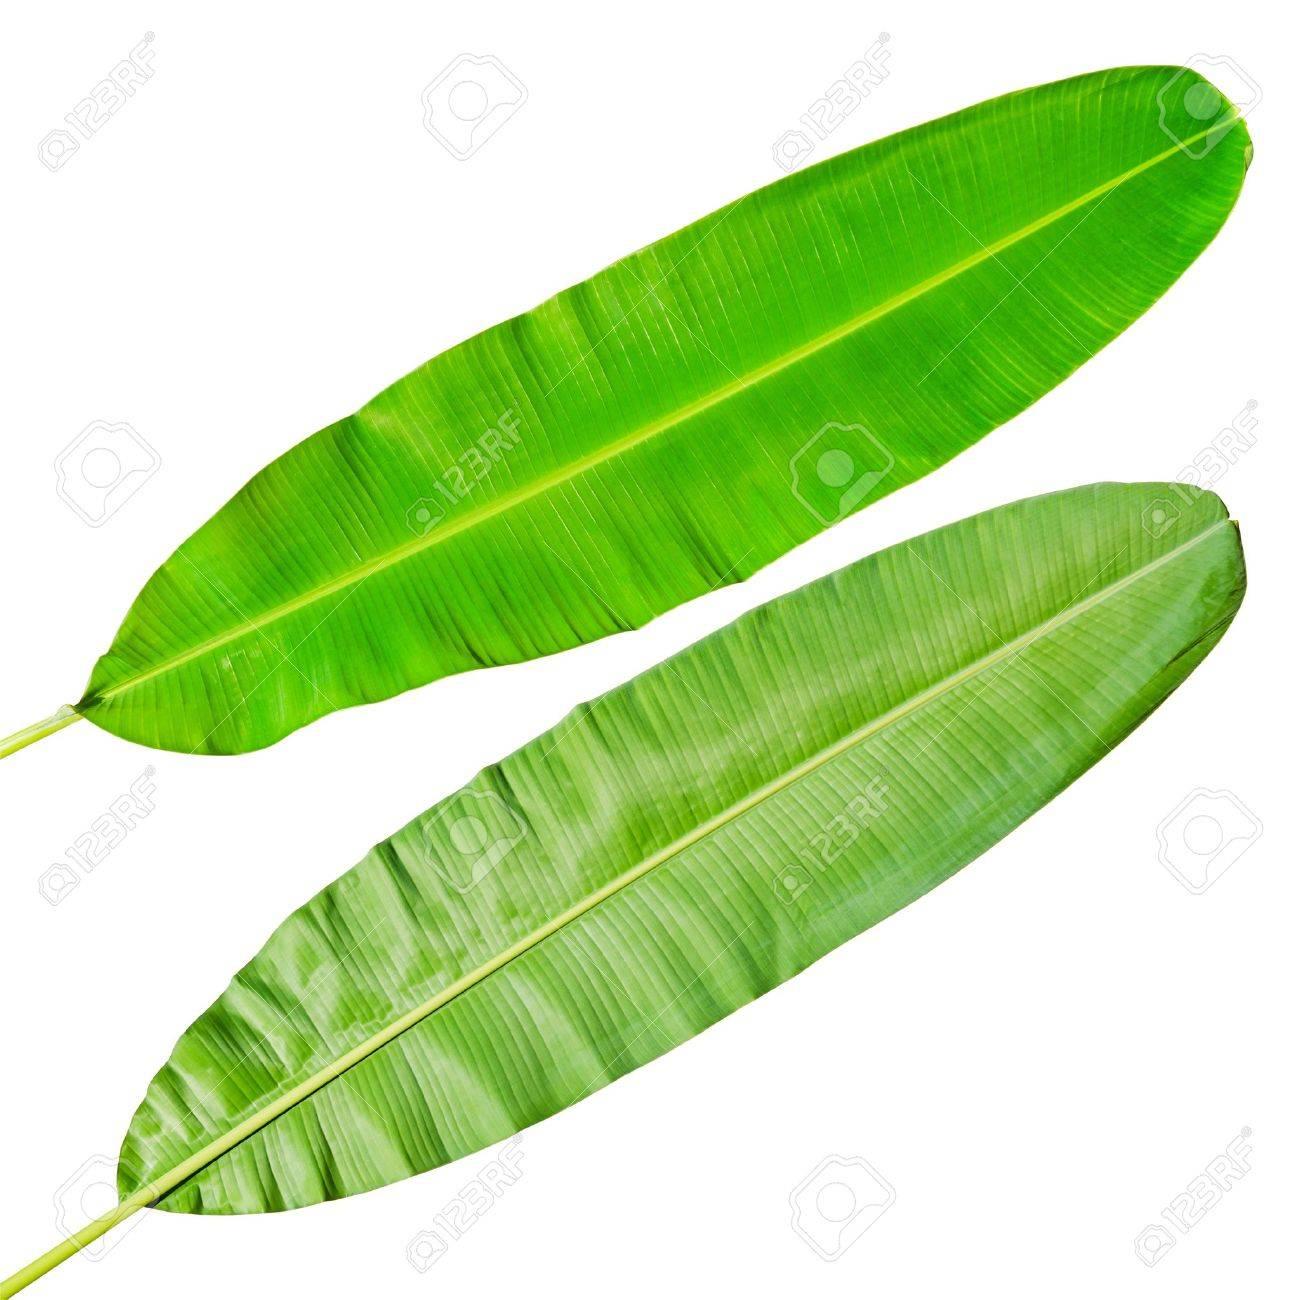 Green fresh banana leaf Stock Photo - 13811687